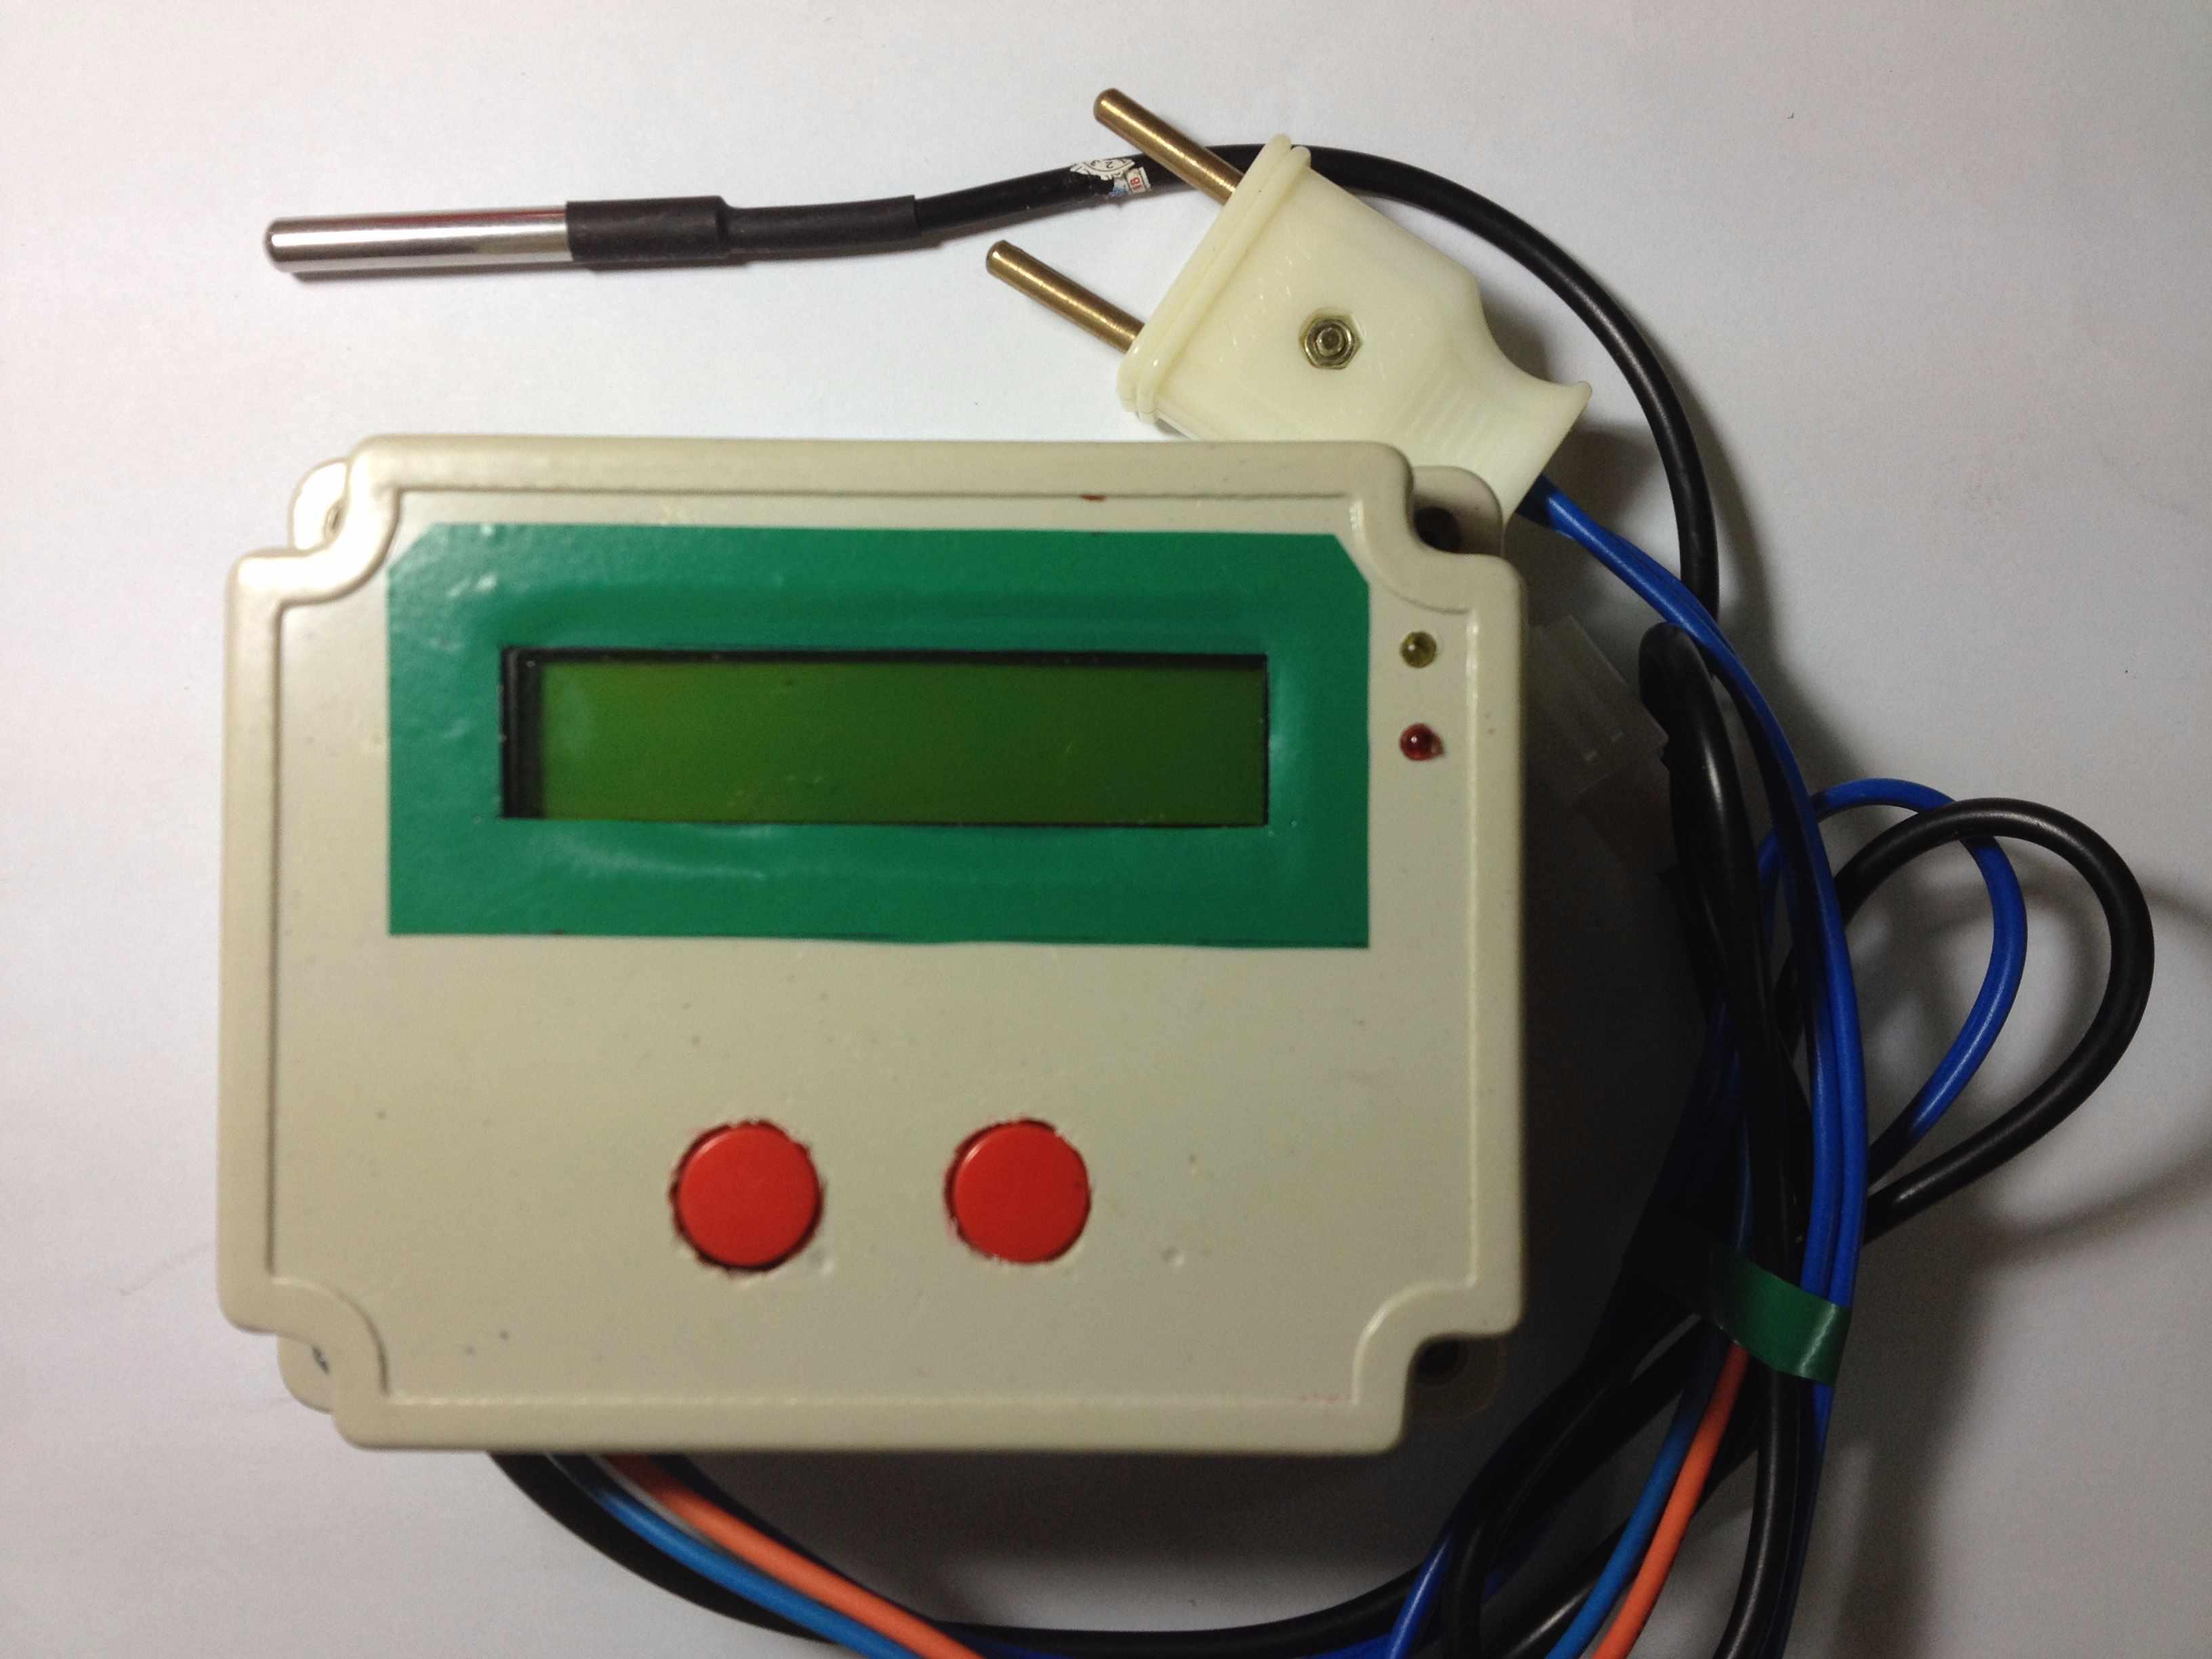 Bộ điều khiển nhiệt độ theo yêu cầu